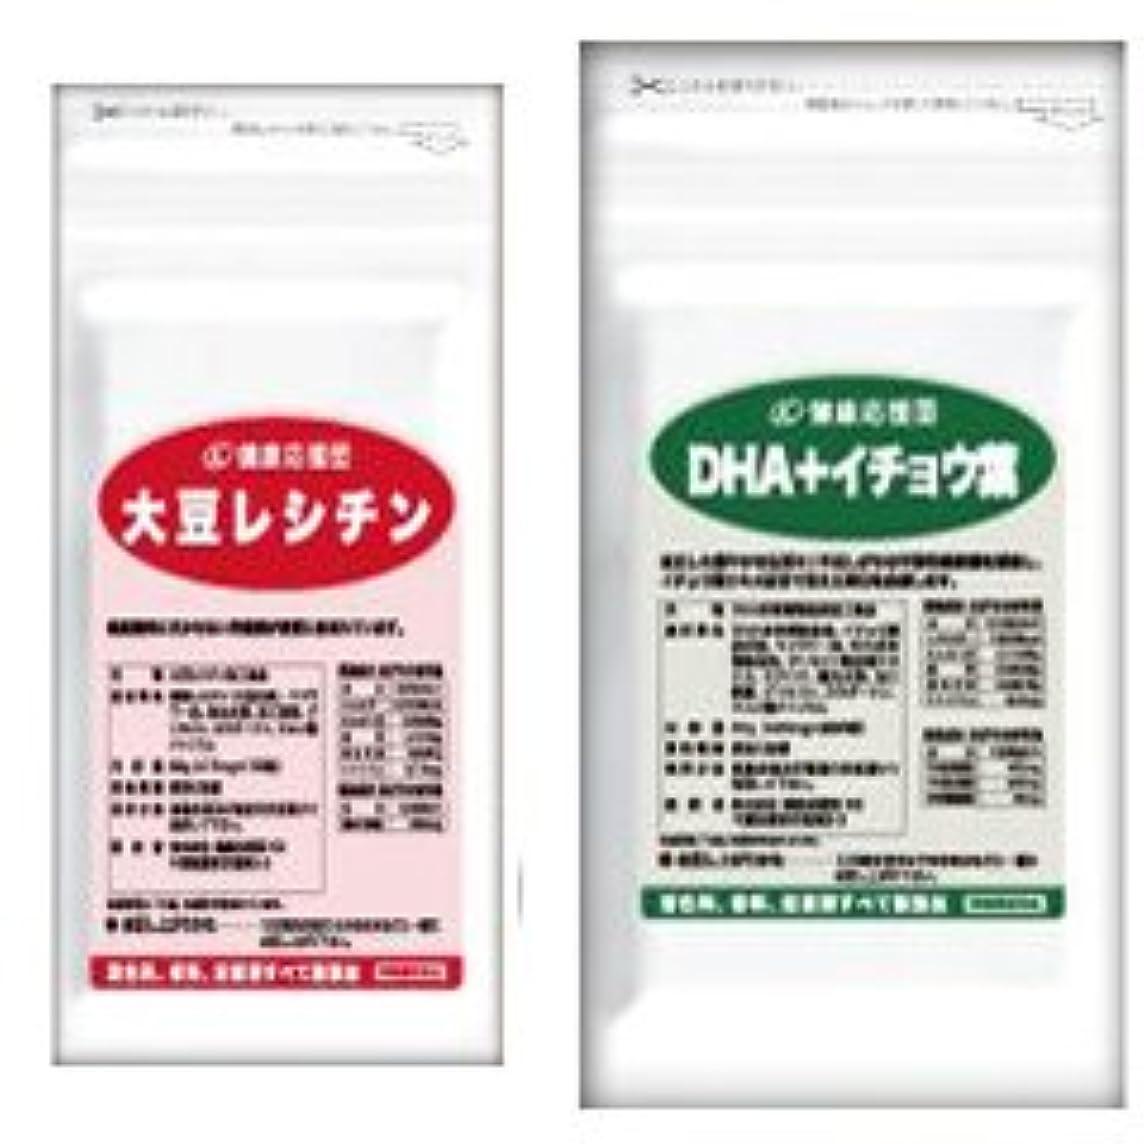 ぐるぐる確認する観察する流れサラサラセット 大豆レシチン+(DHA+イチョウ葉) (DHA?EPA?イチョウ葉)